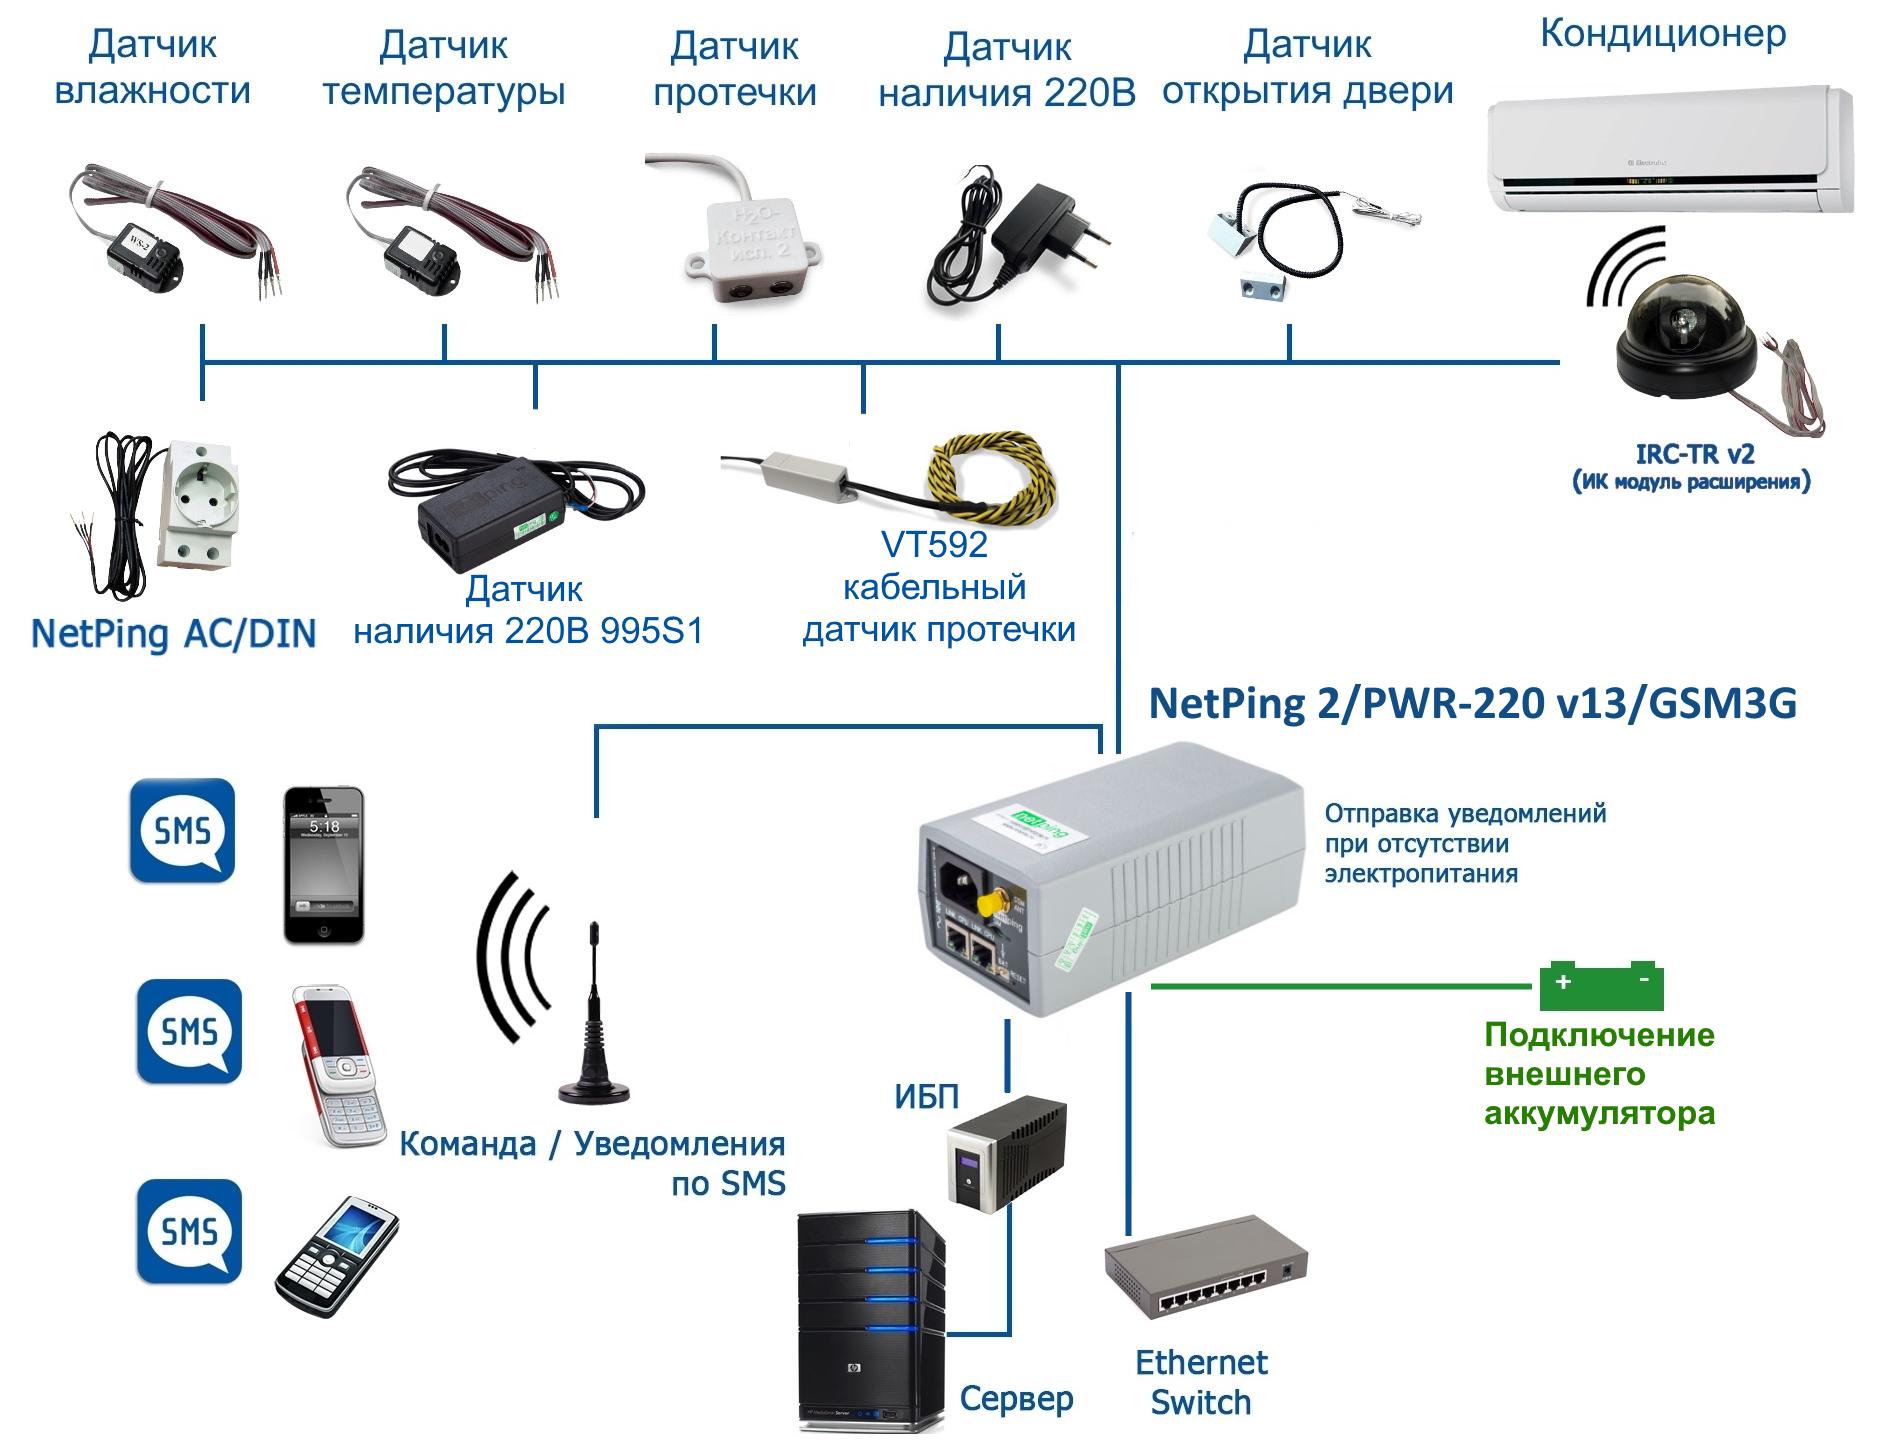 NetPing 2 PWR-220 v13 GSM3G - подключение нагрузки, датчиков и исполнительных механизмов